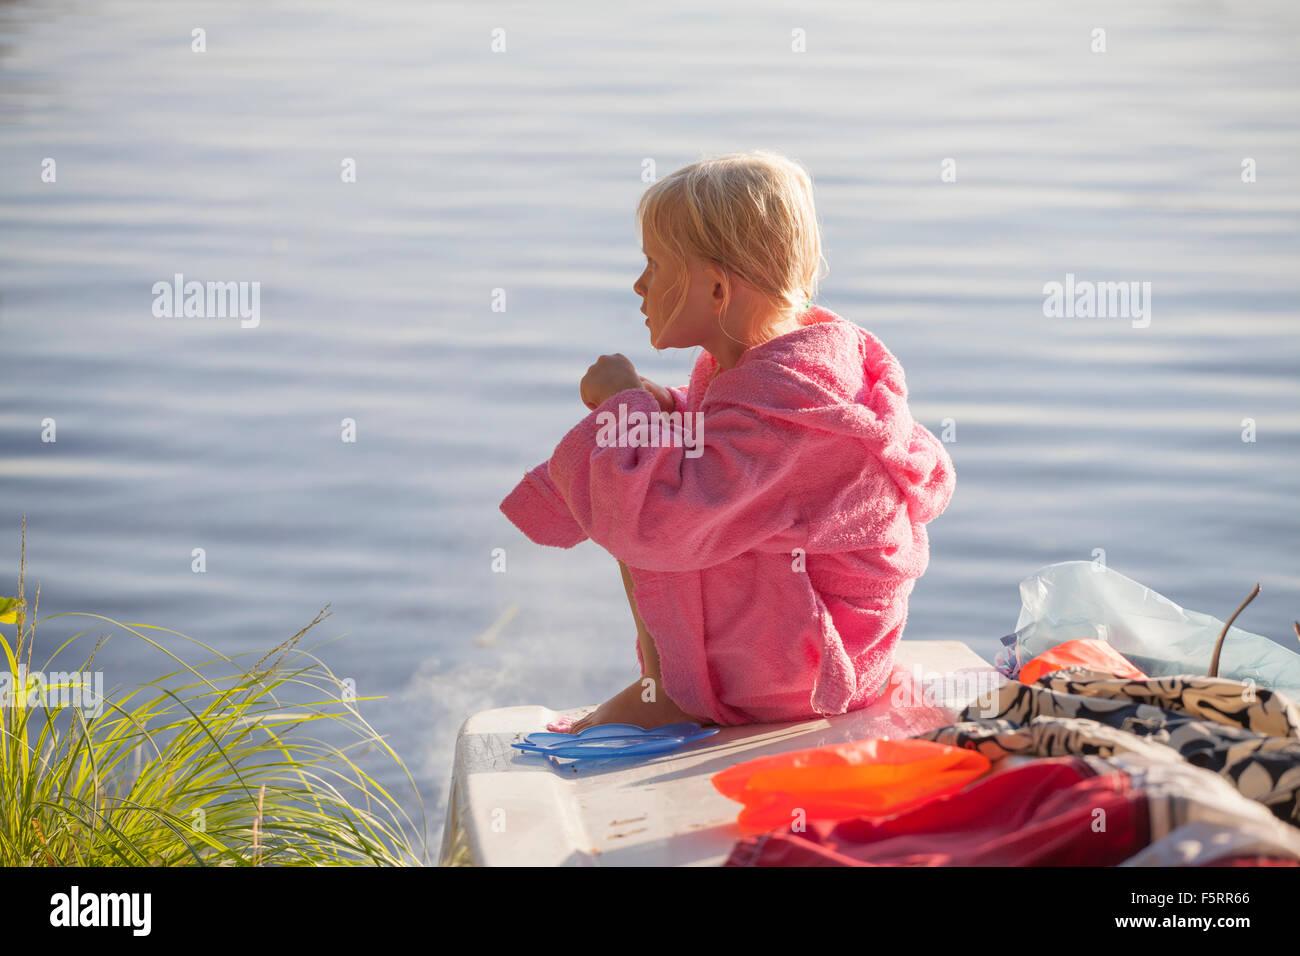 La Svezia, Smaland, ragazza (6-7) seduto in accappatoio Immagini Stock